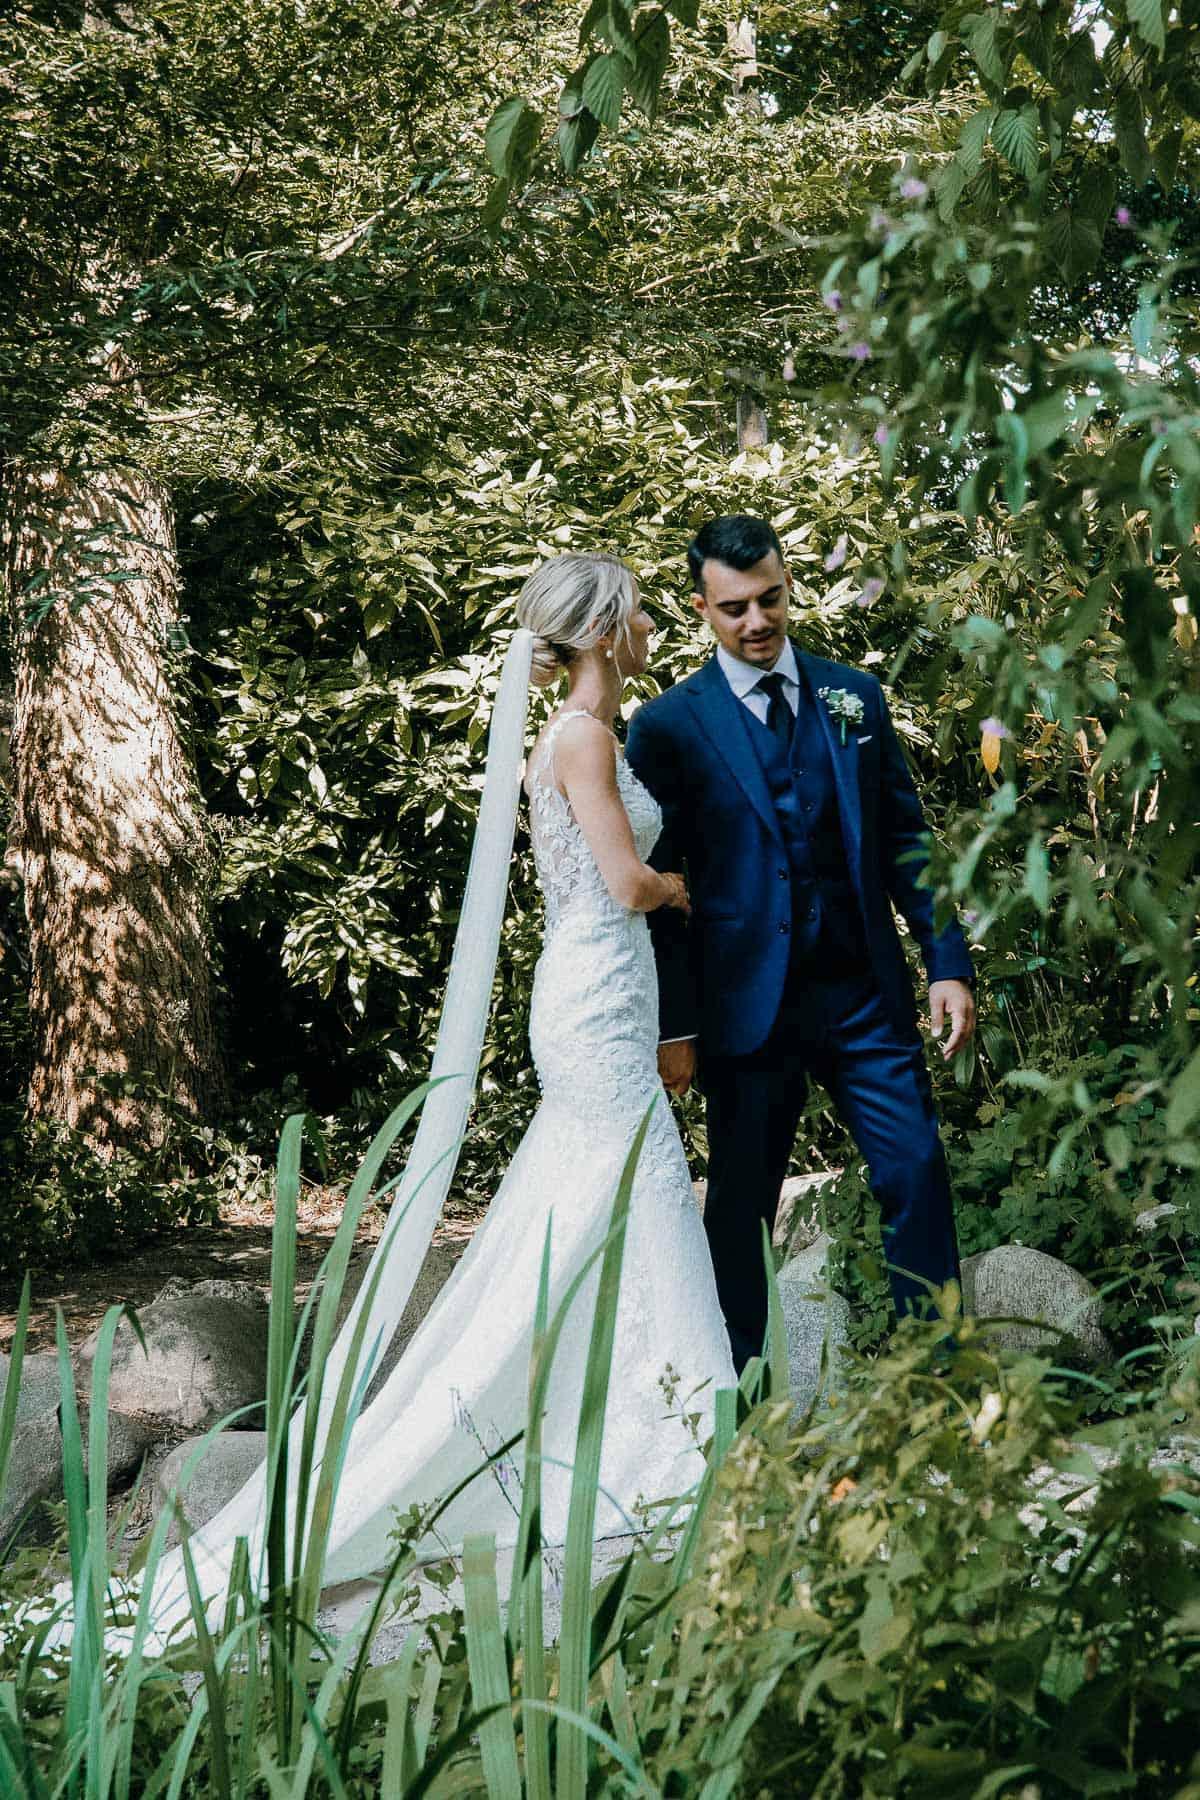 Bryllup på Frederiksberg - Bryllupsforberedelser - Bryllup